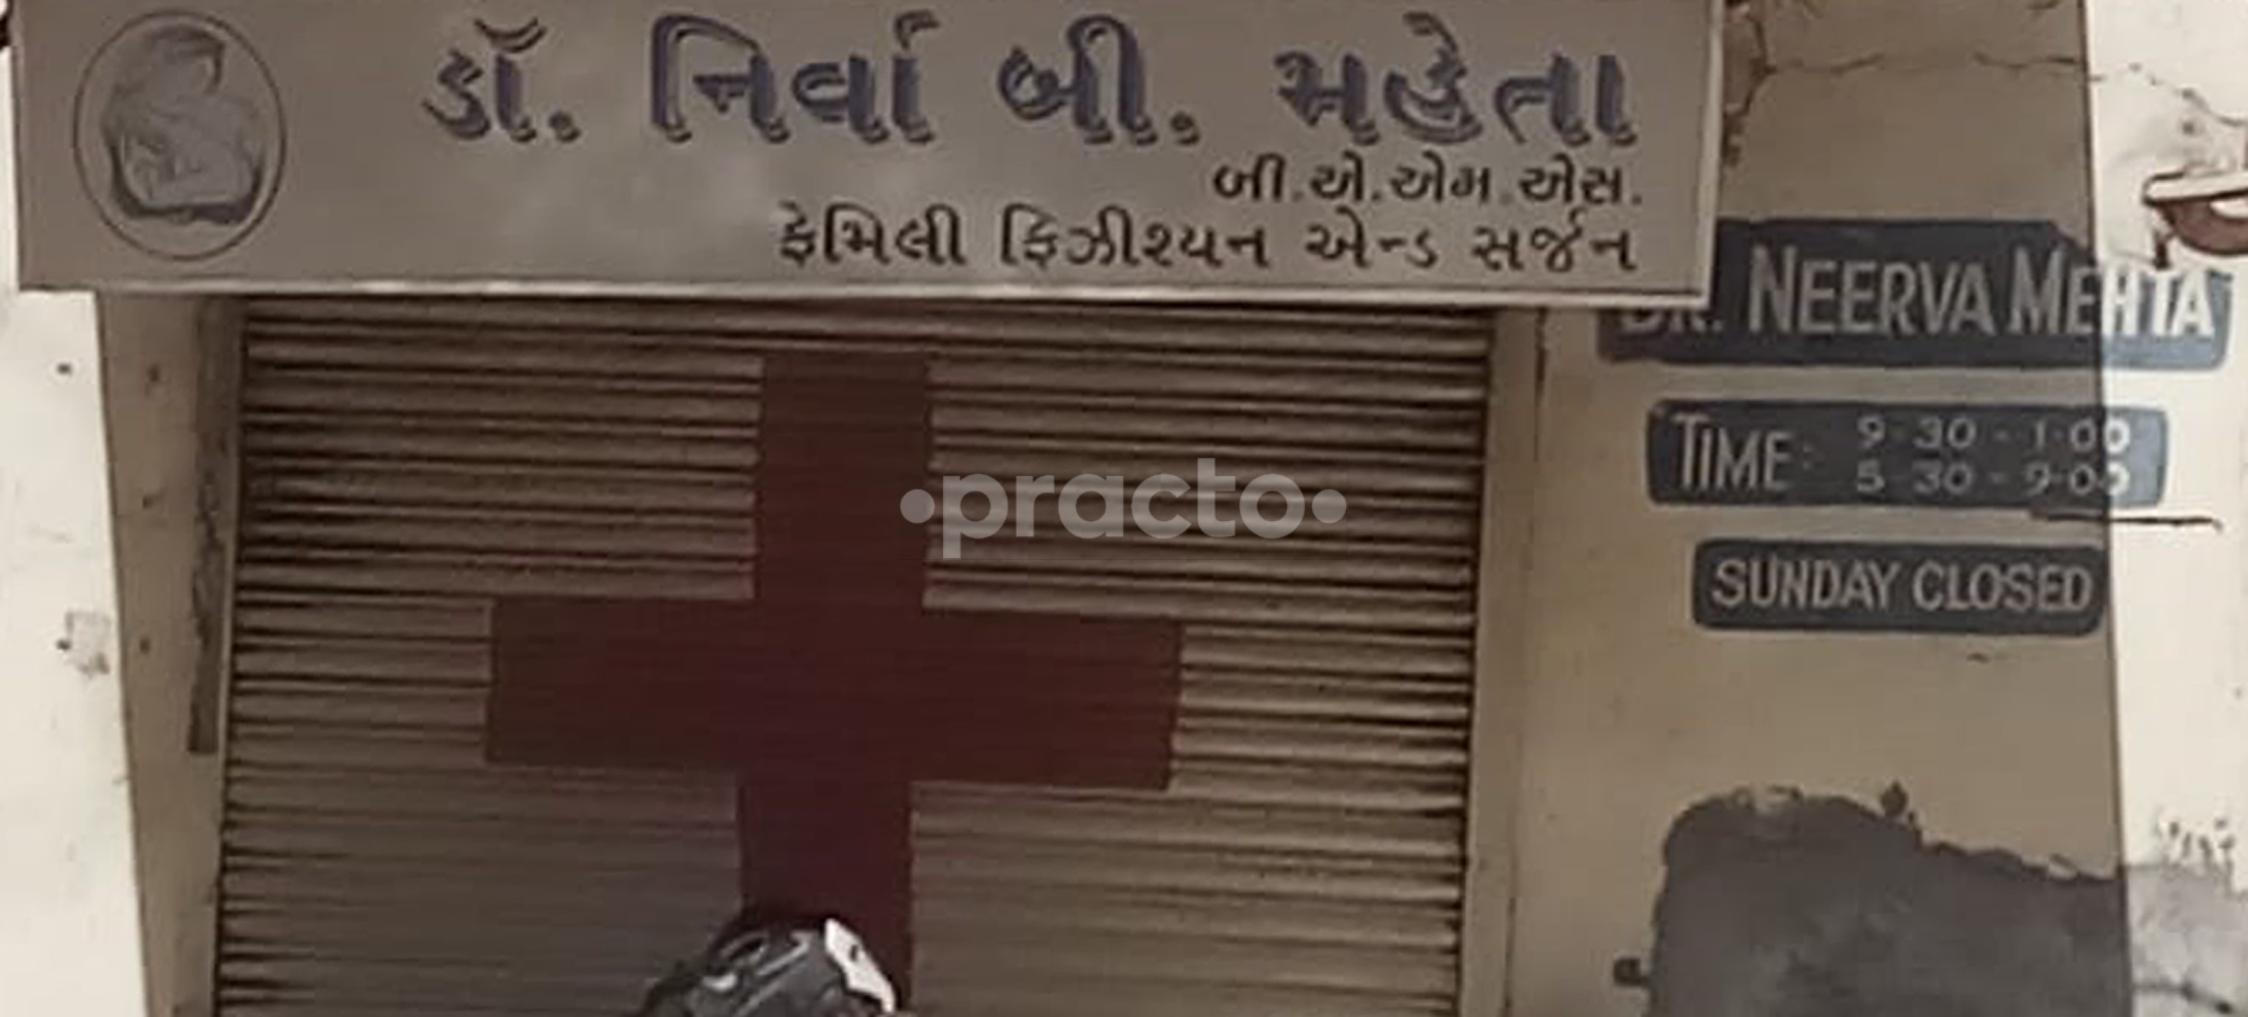 Dr Nirva Mehta Clinic